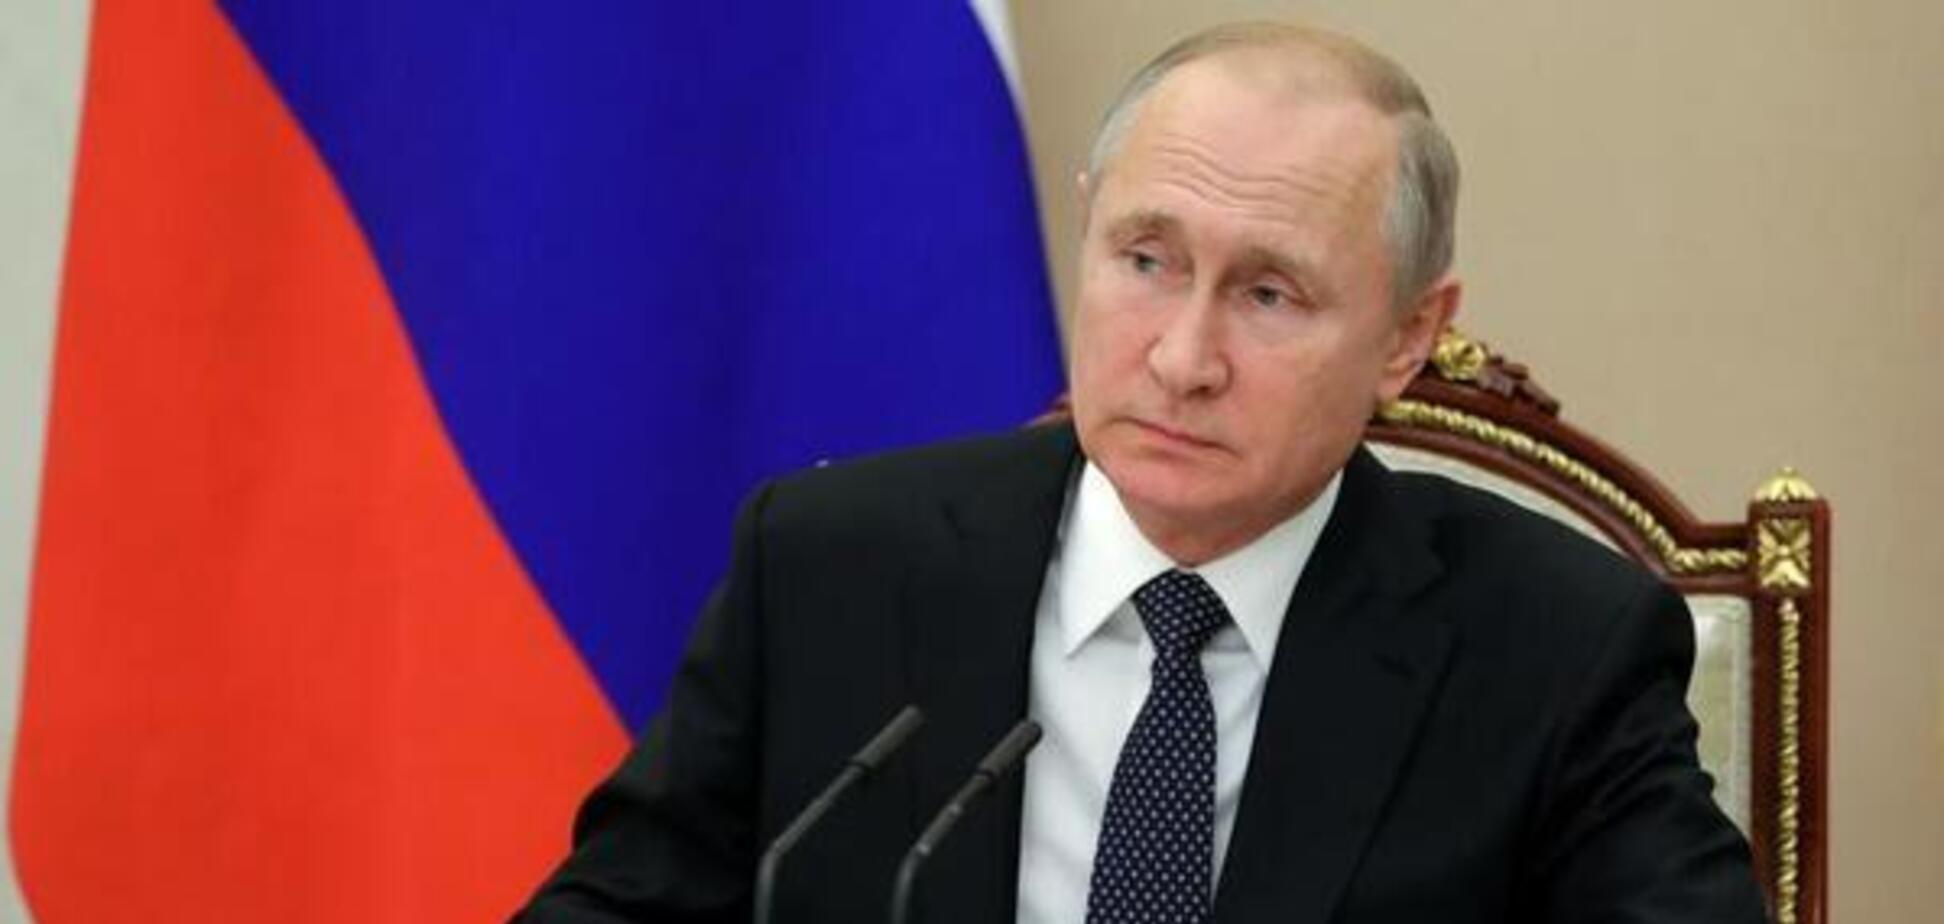 'Путін цинічно принизив Україну': Умеров вказав на показовий нюанс щодо обміну полоненими